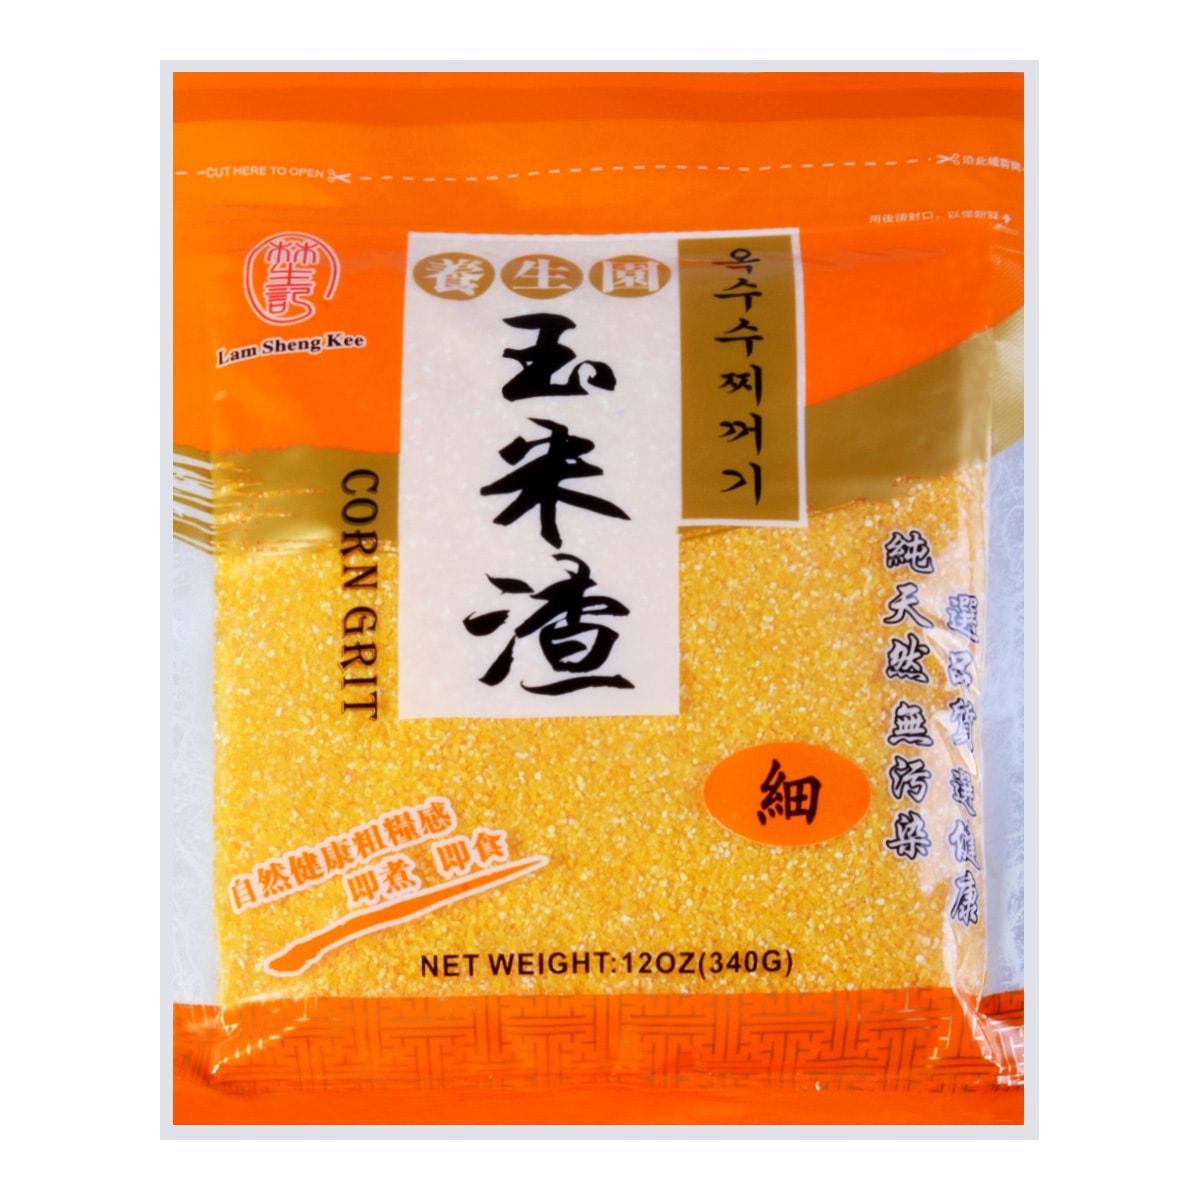 香港林生记 养生细玉米渣  340g